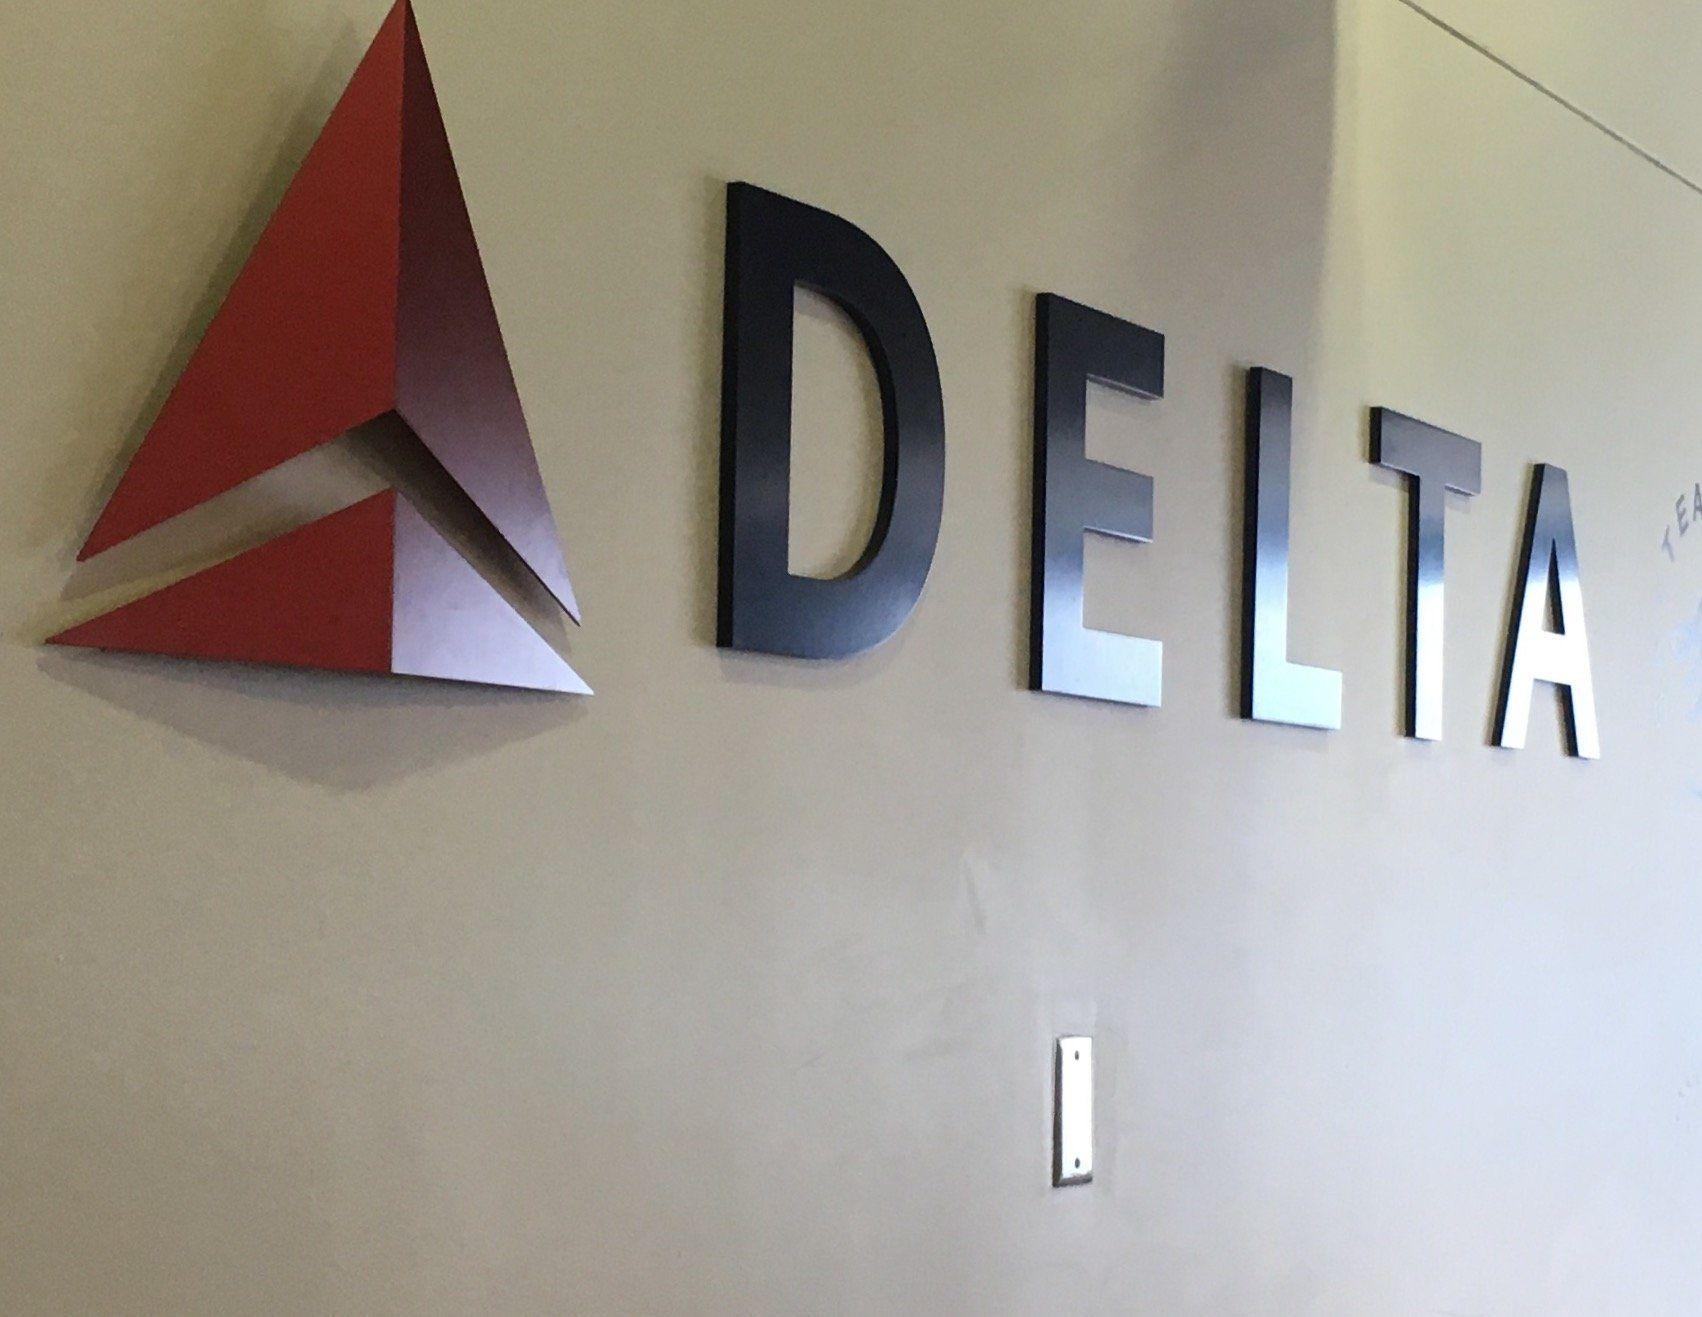 delta 1491807444 jpg